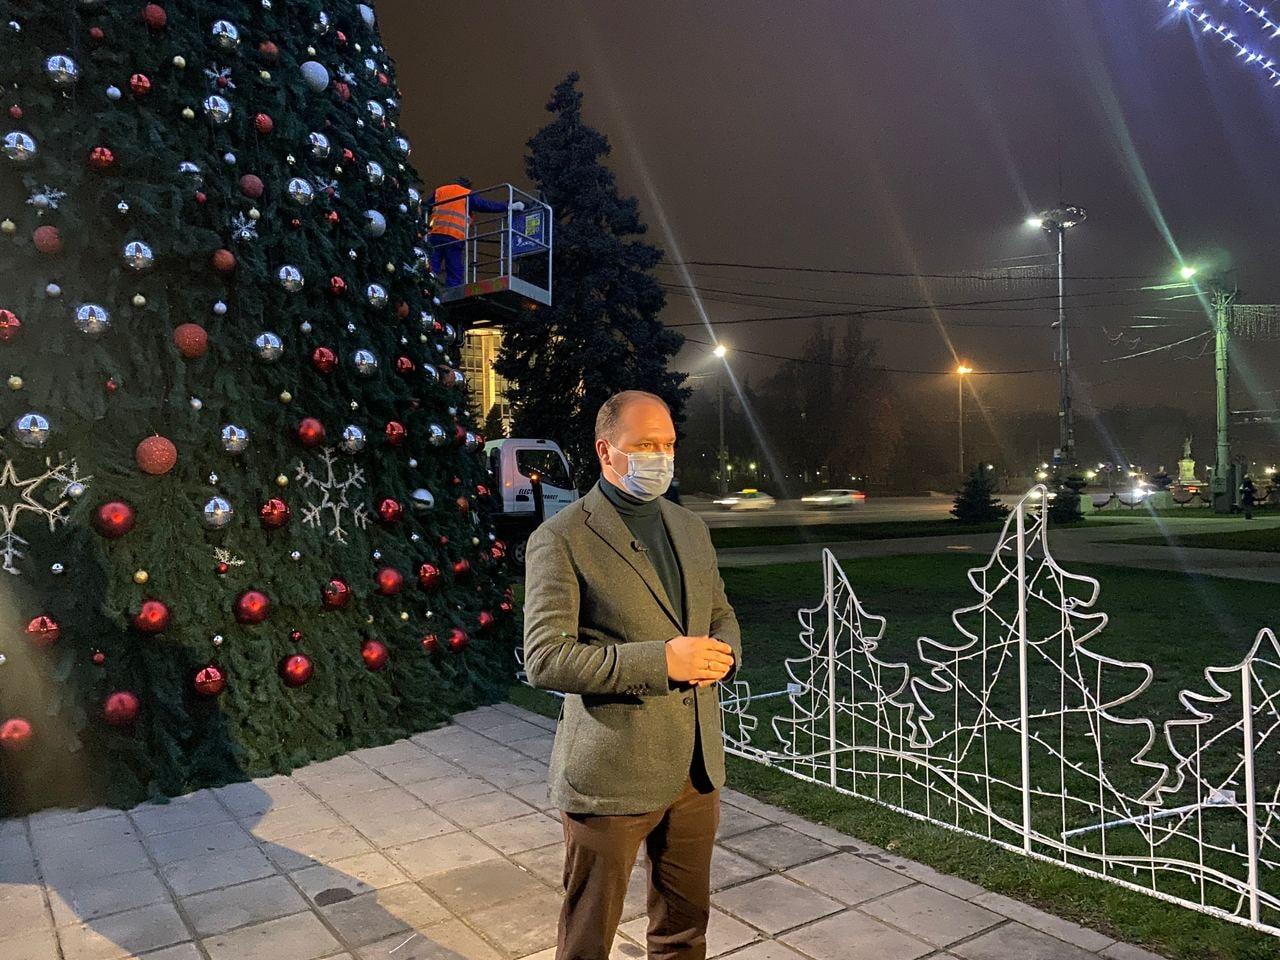 ВКишиневе украсили новогоднюю елку (ФОТО)